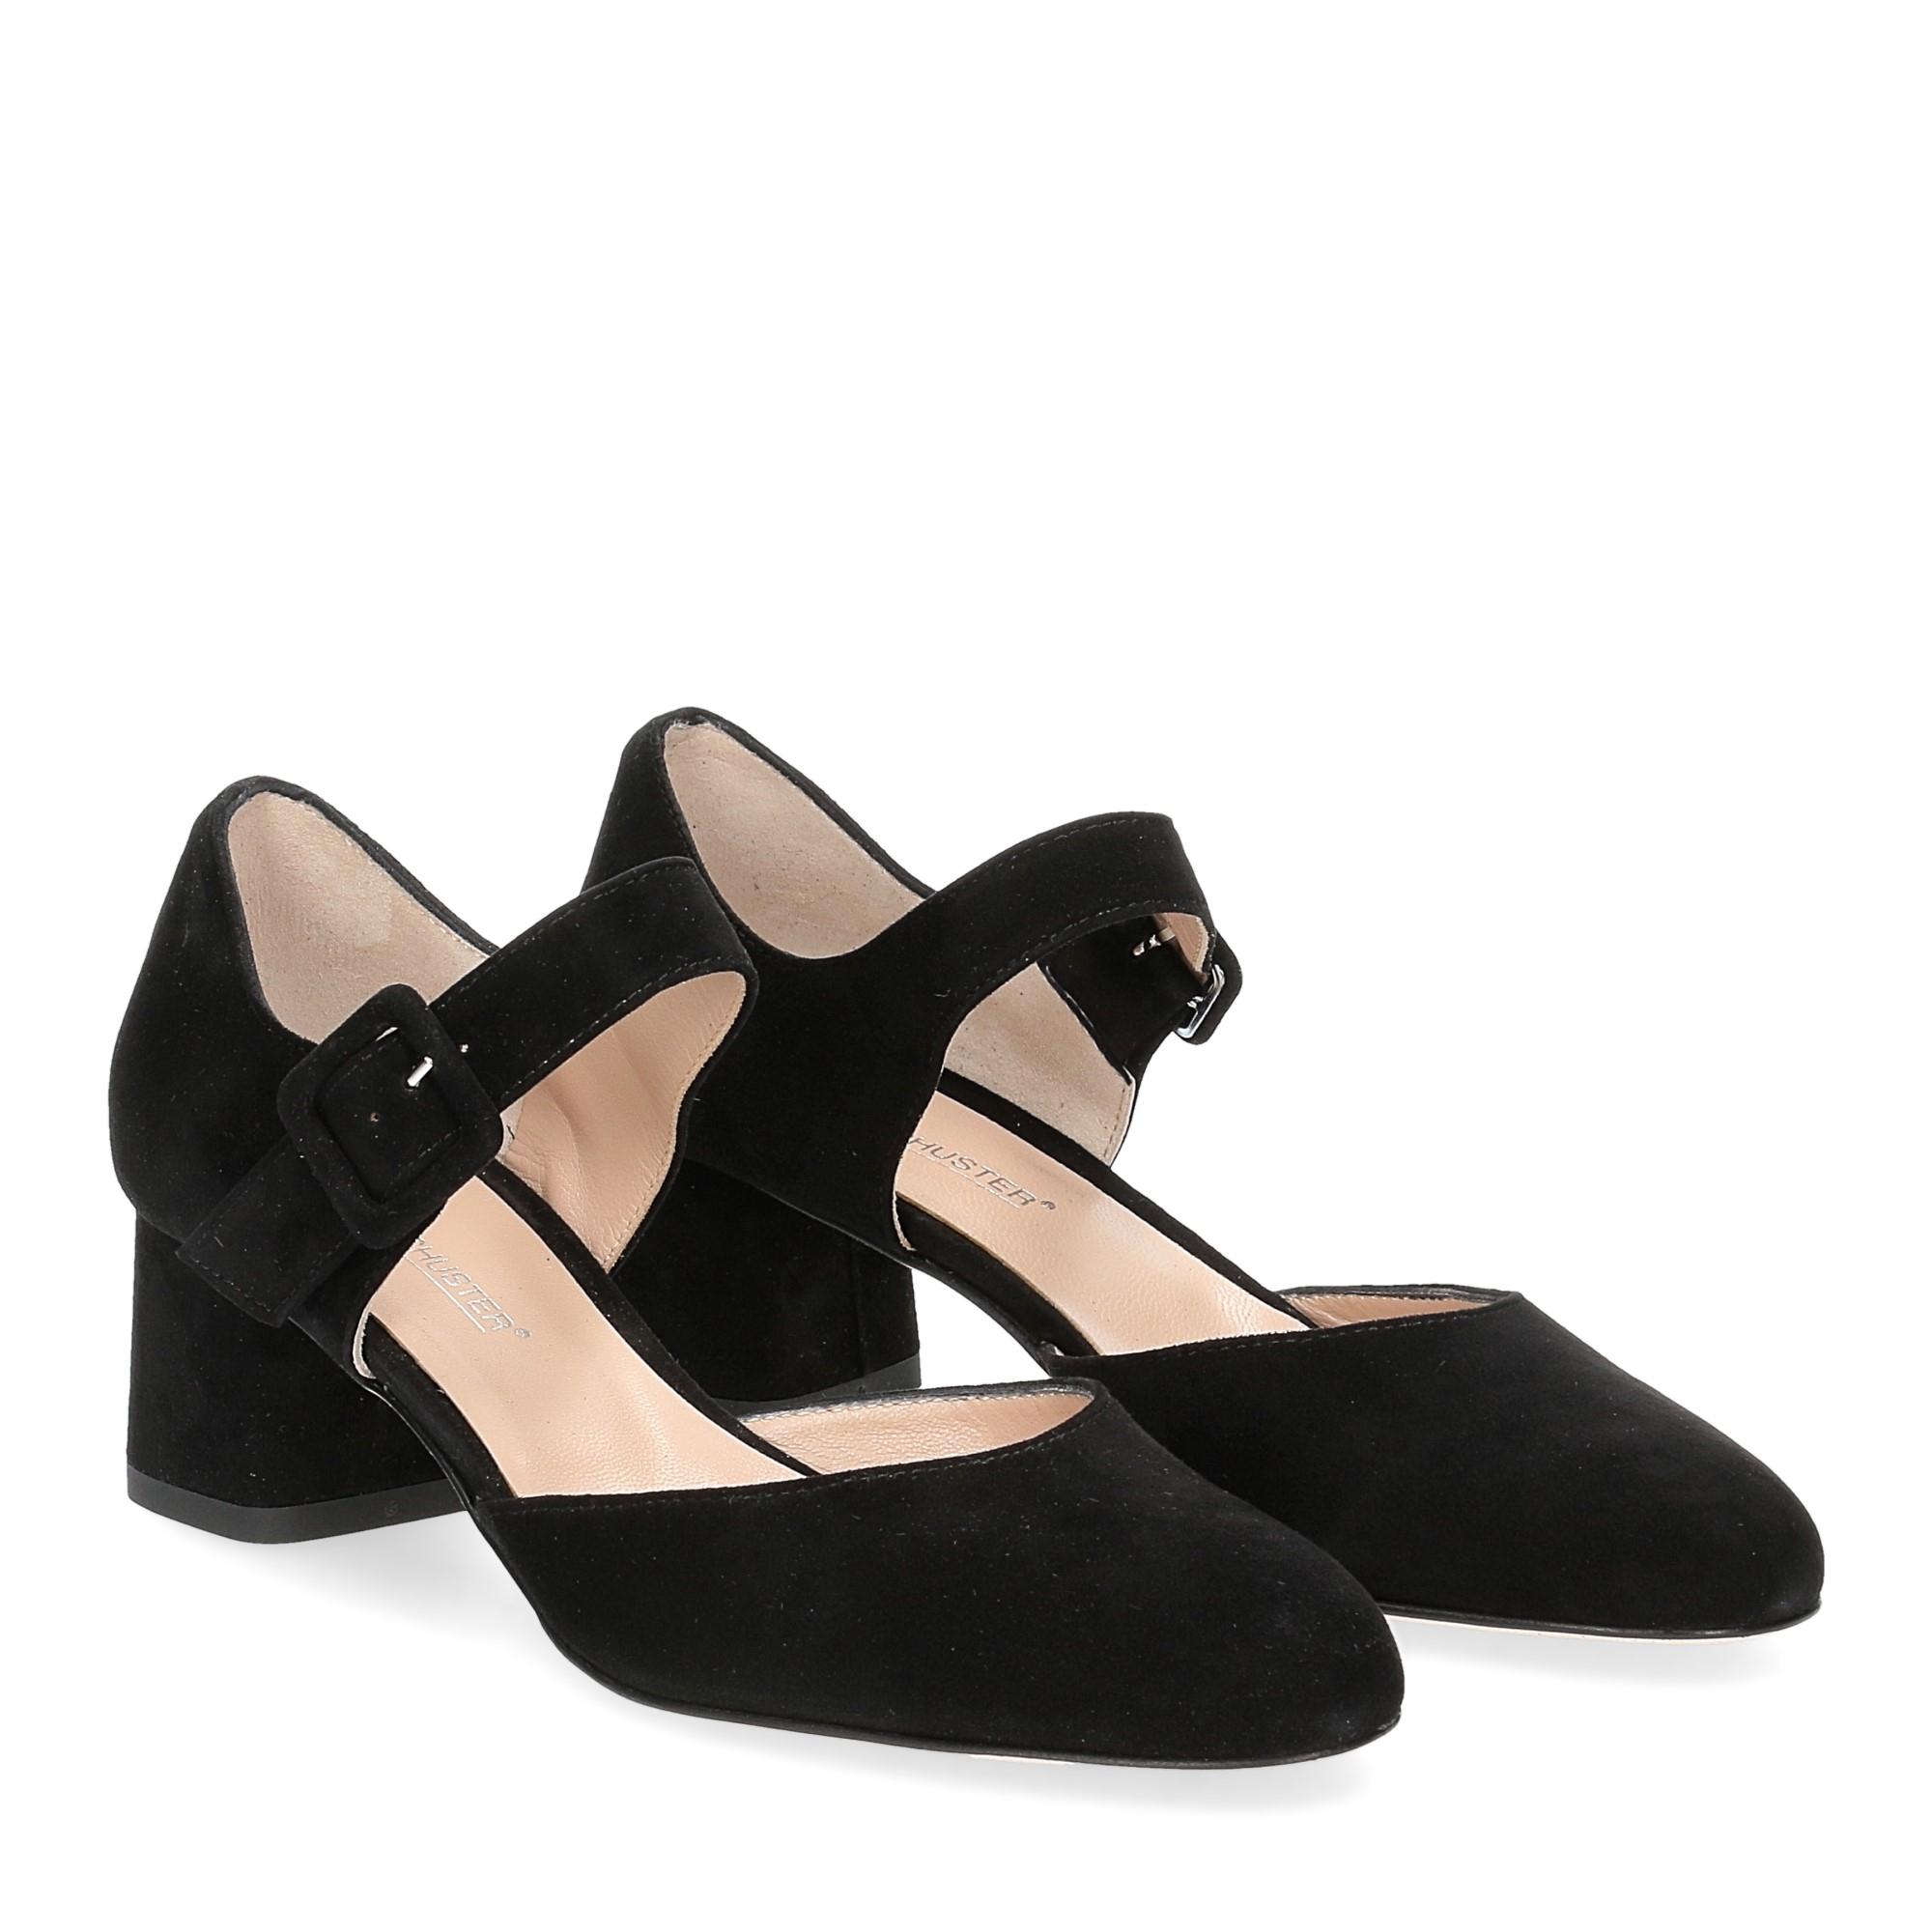 Andrea schuster sandaliera camoscio nero 5cm